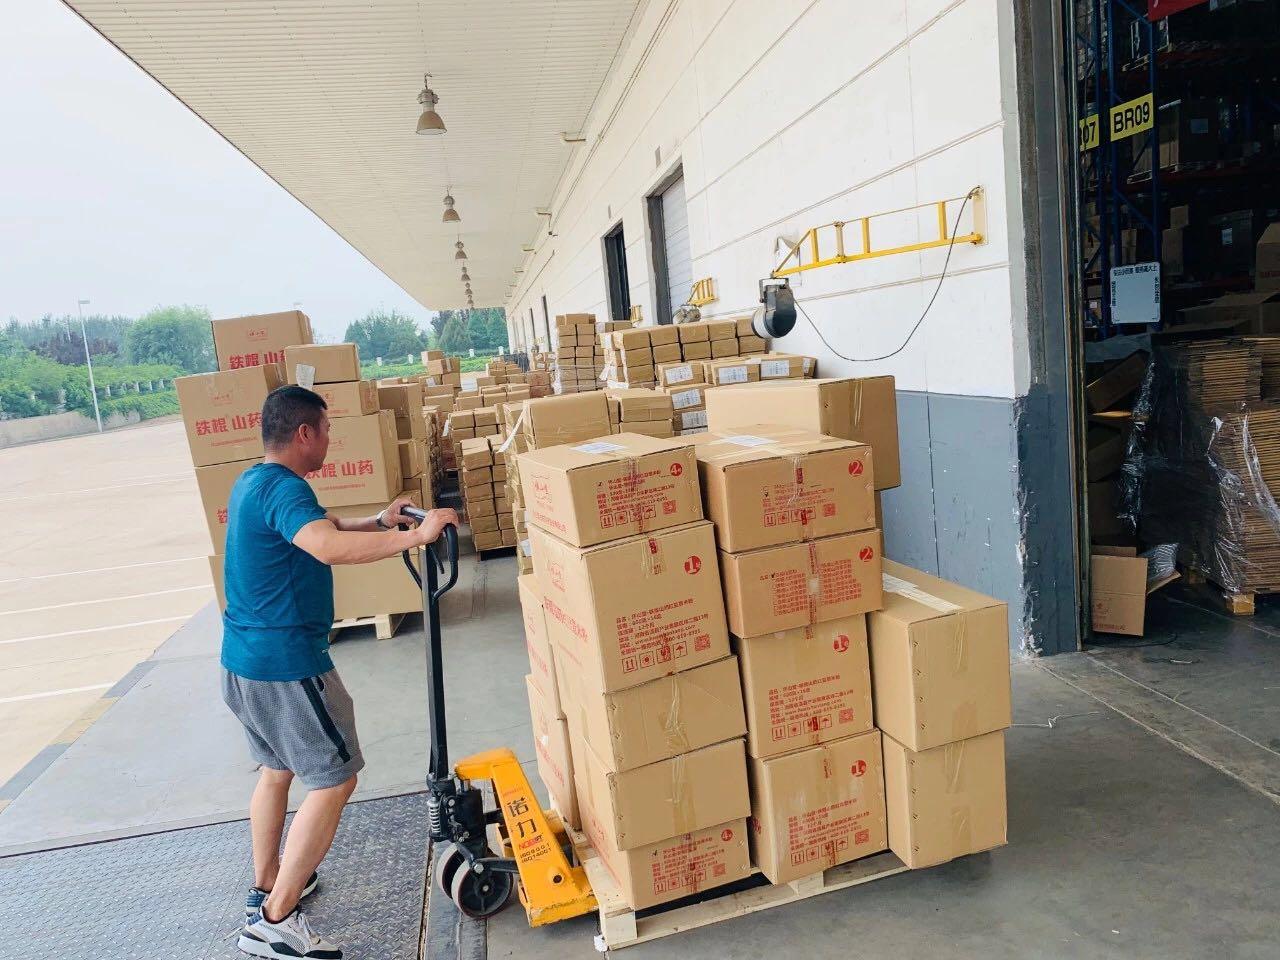 仓储配送的定义是什么